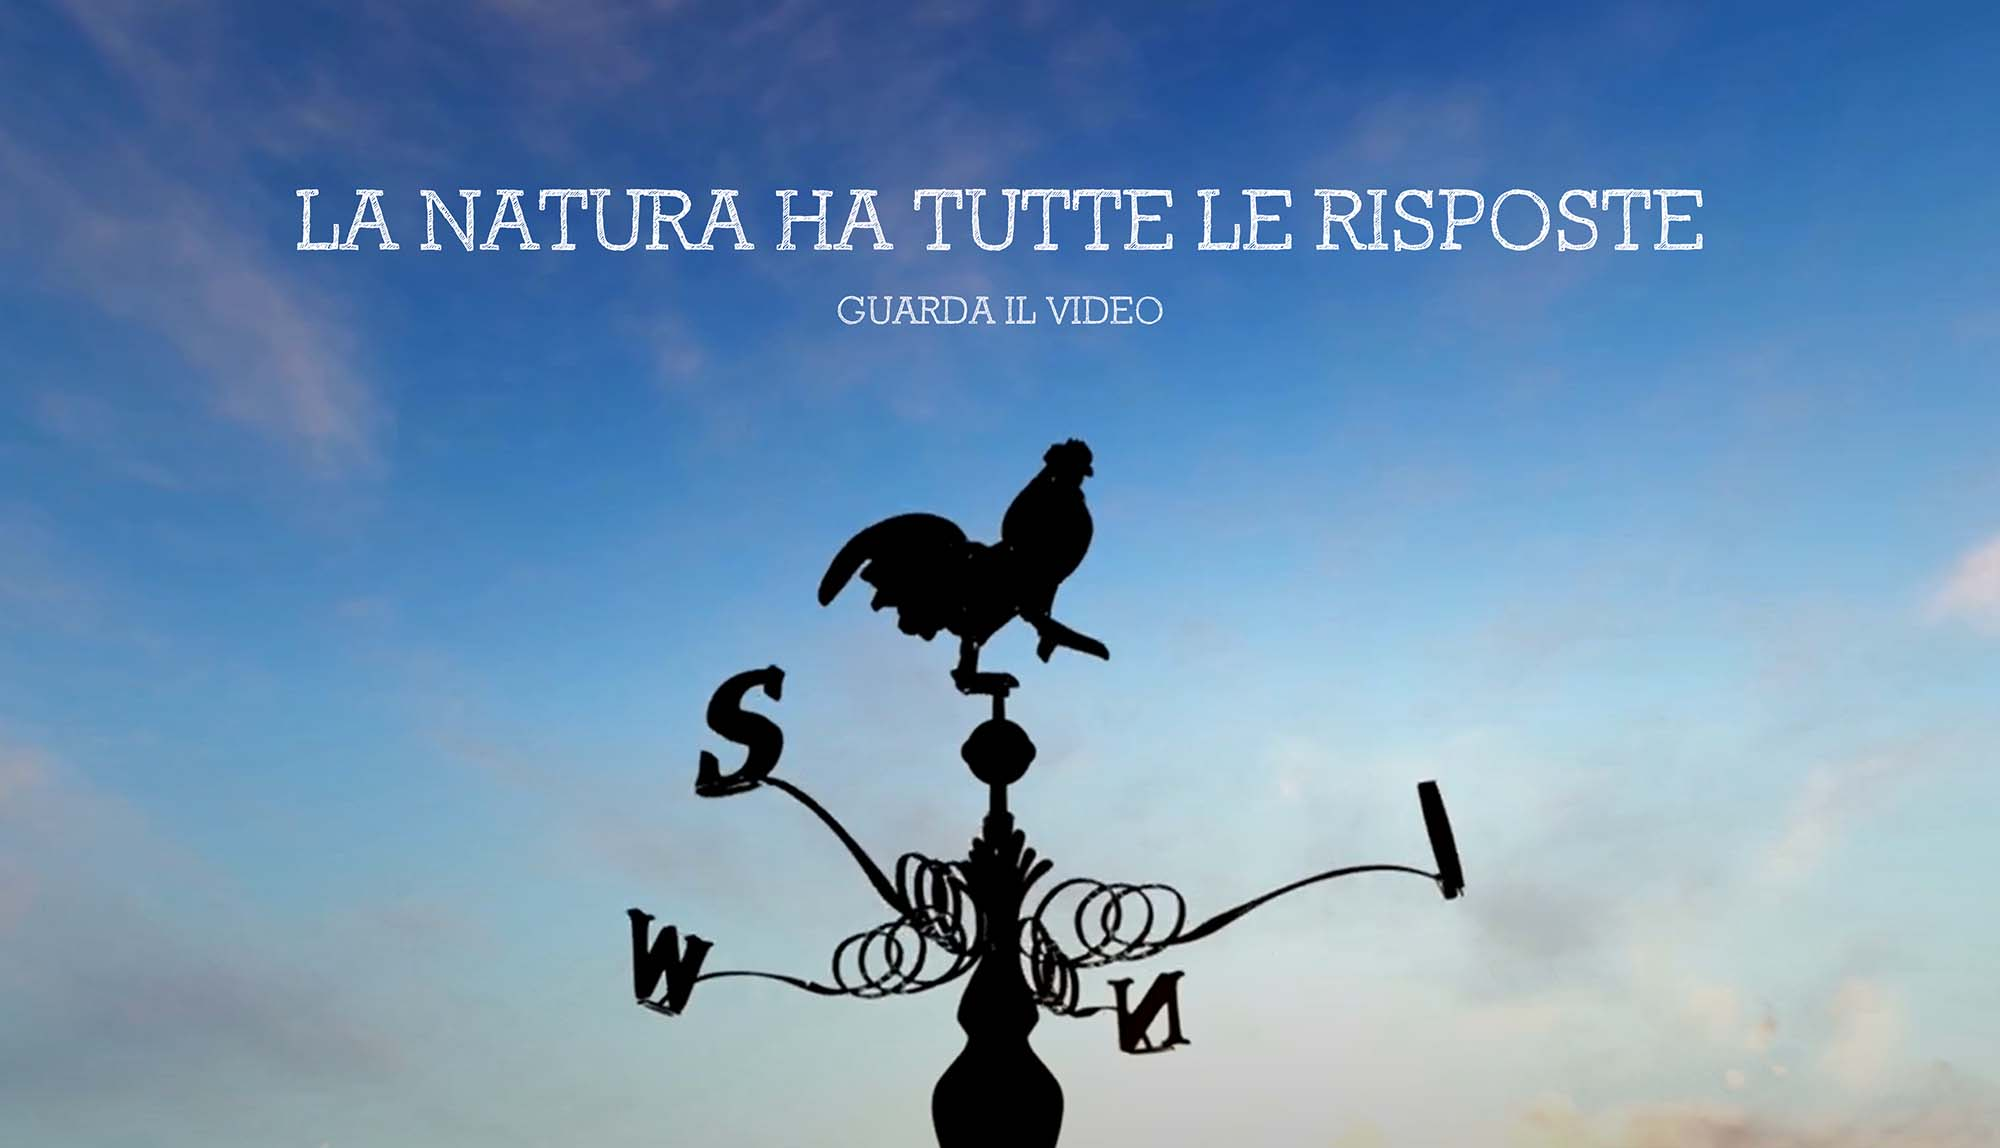 La Natura ha tutte le risposte